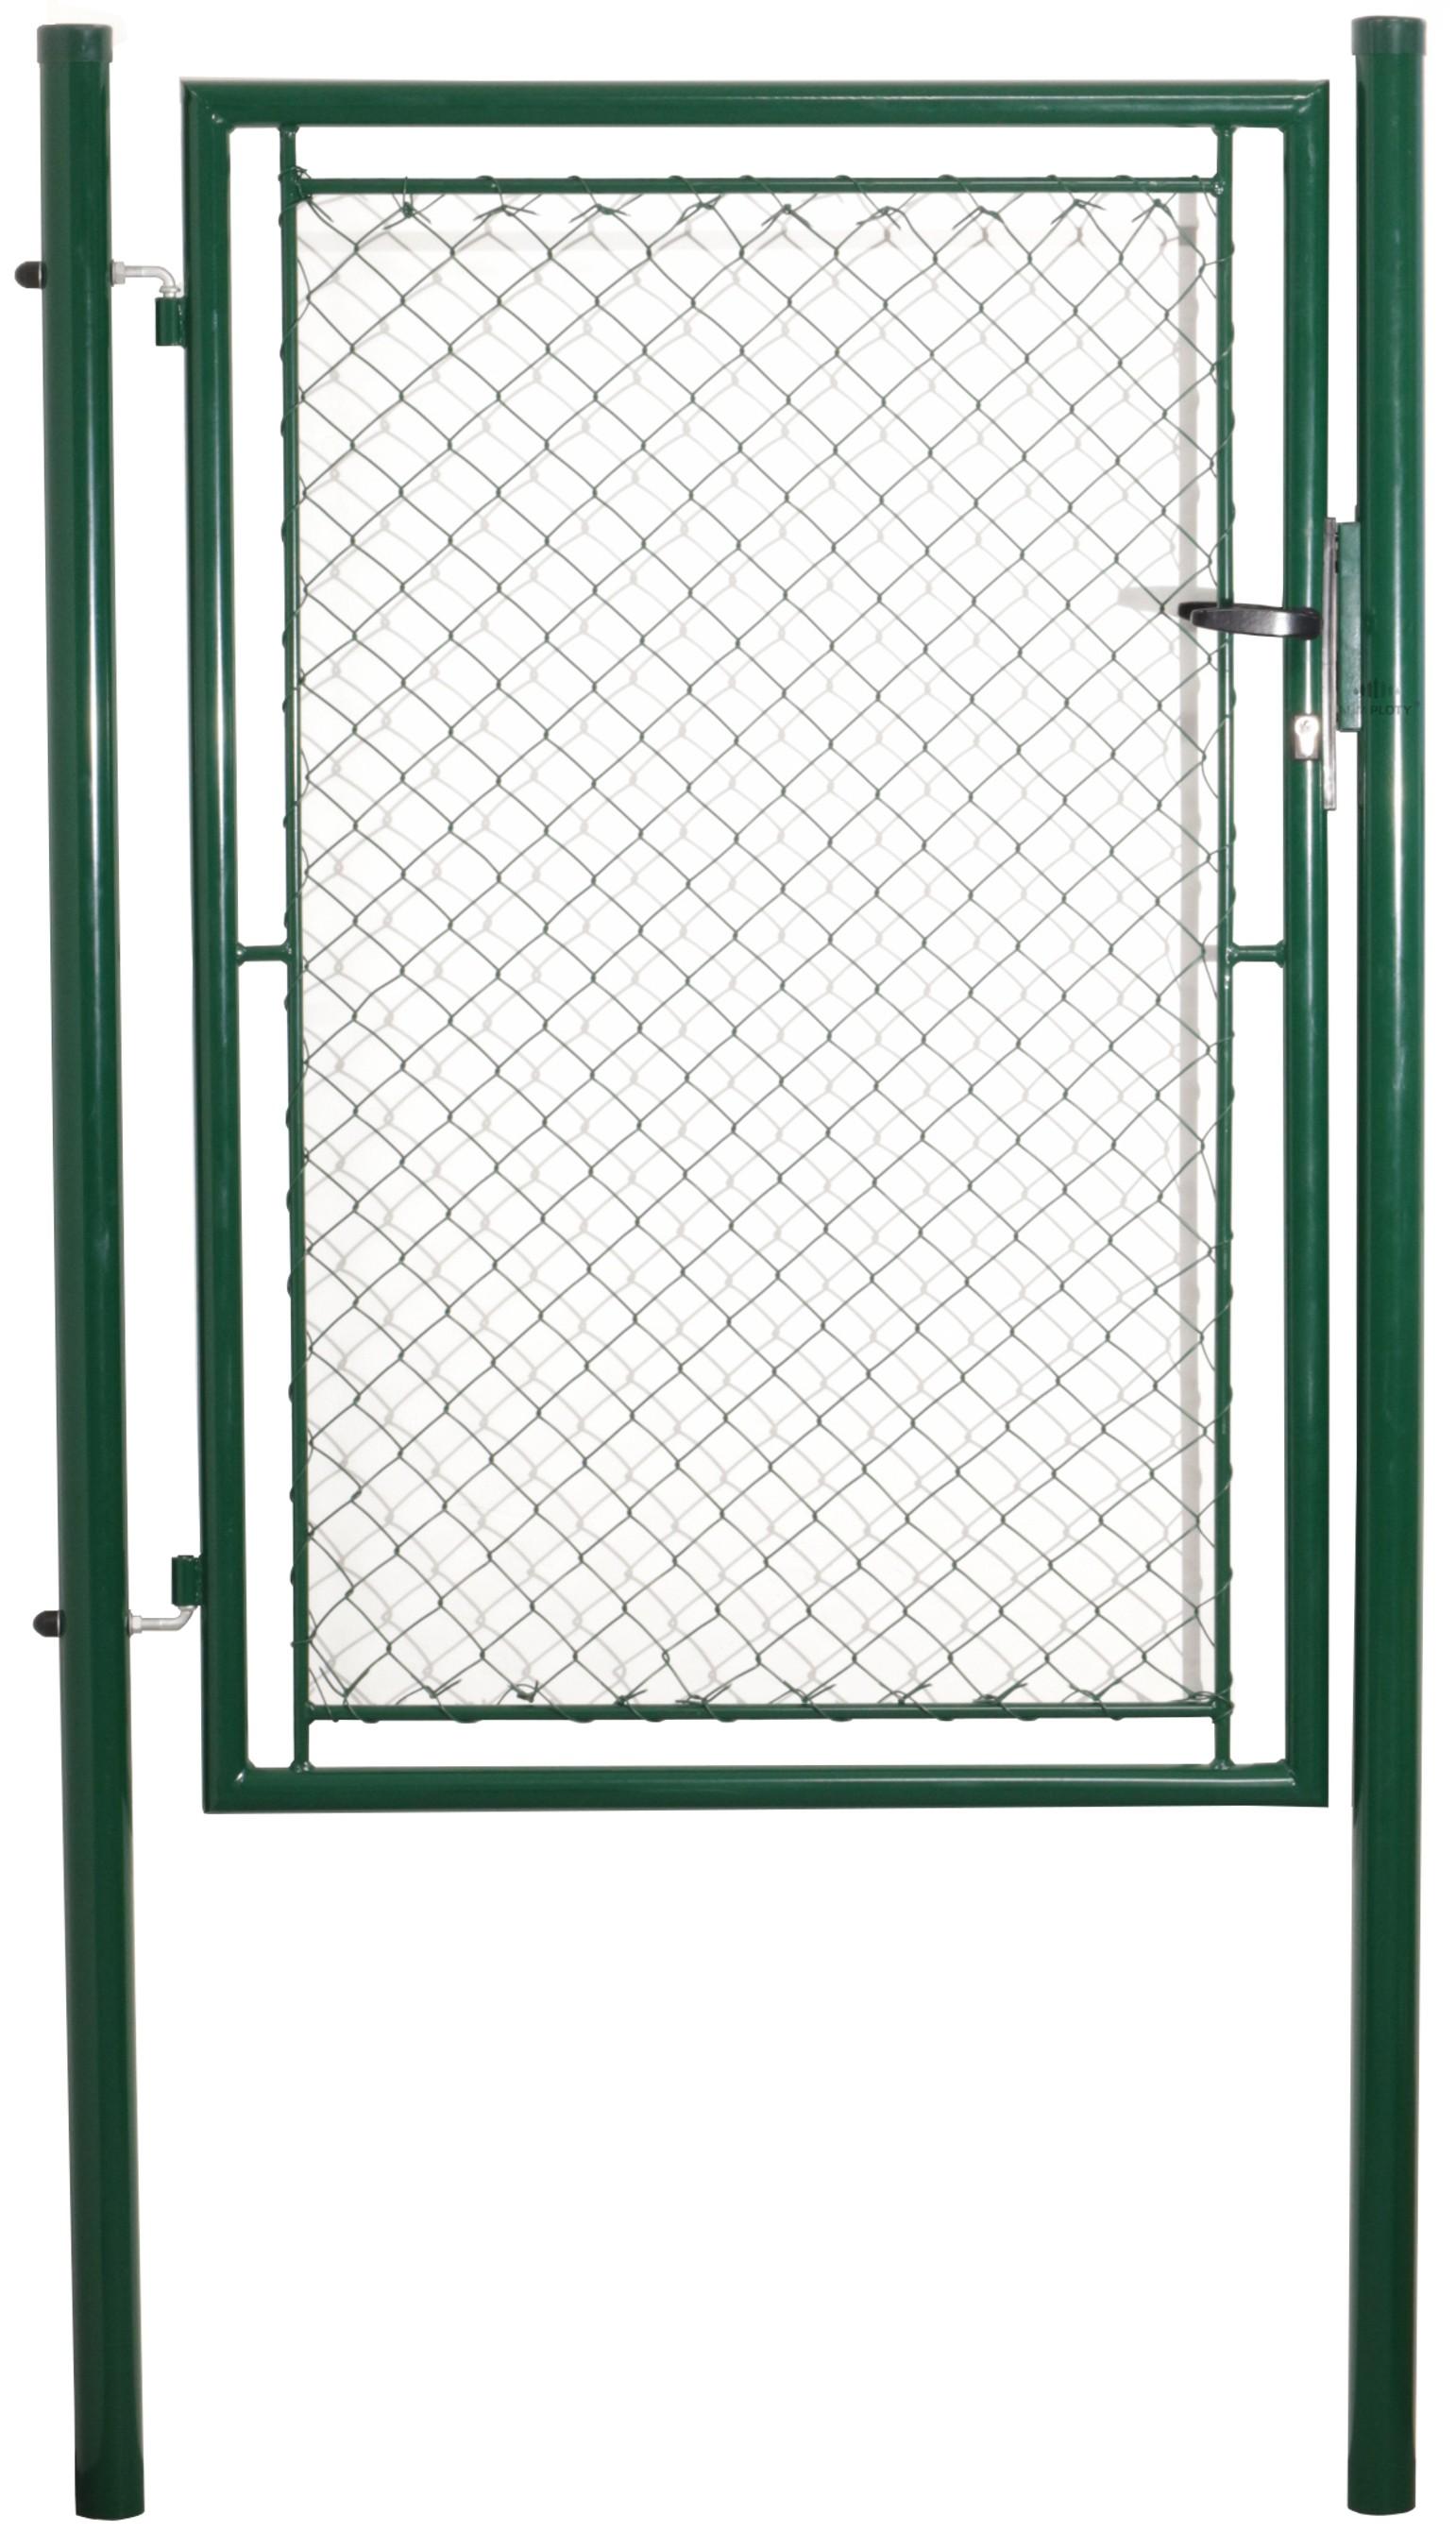 Jednokřídlá branka, pletivo, zelená, rozměry 1085x1200 mm, Zn+PVC